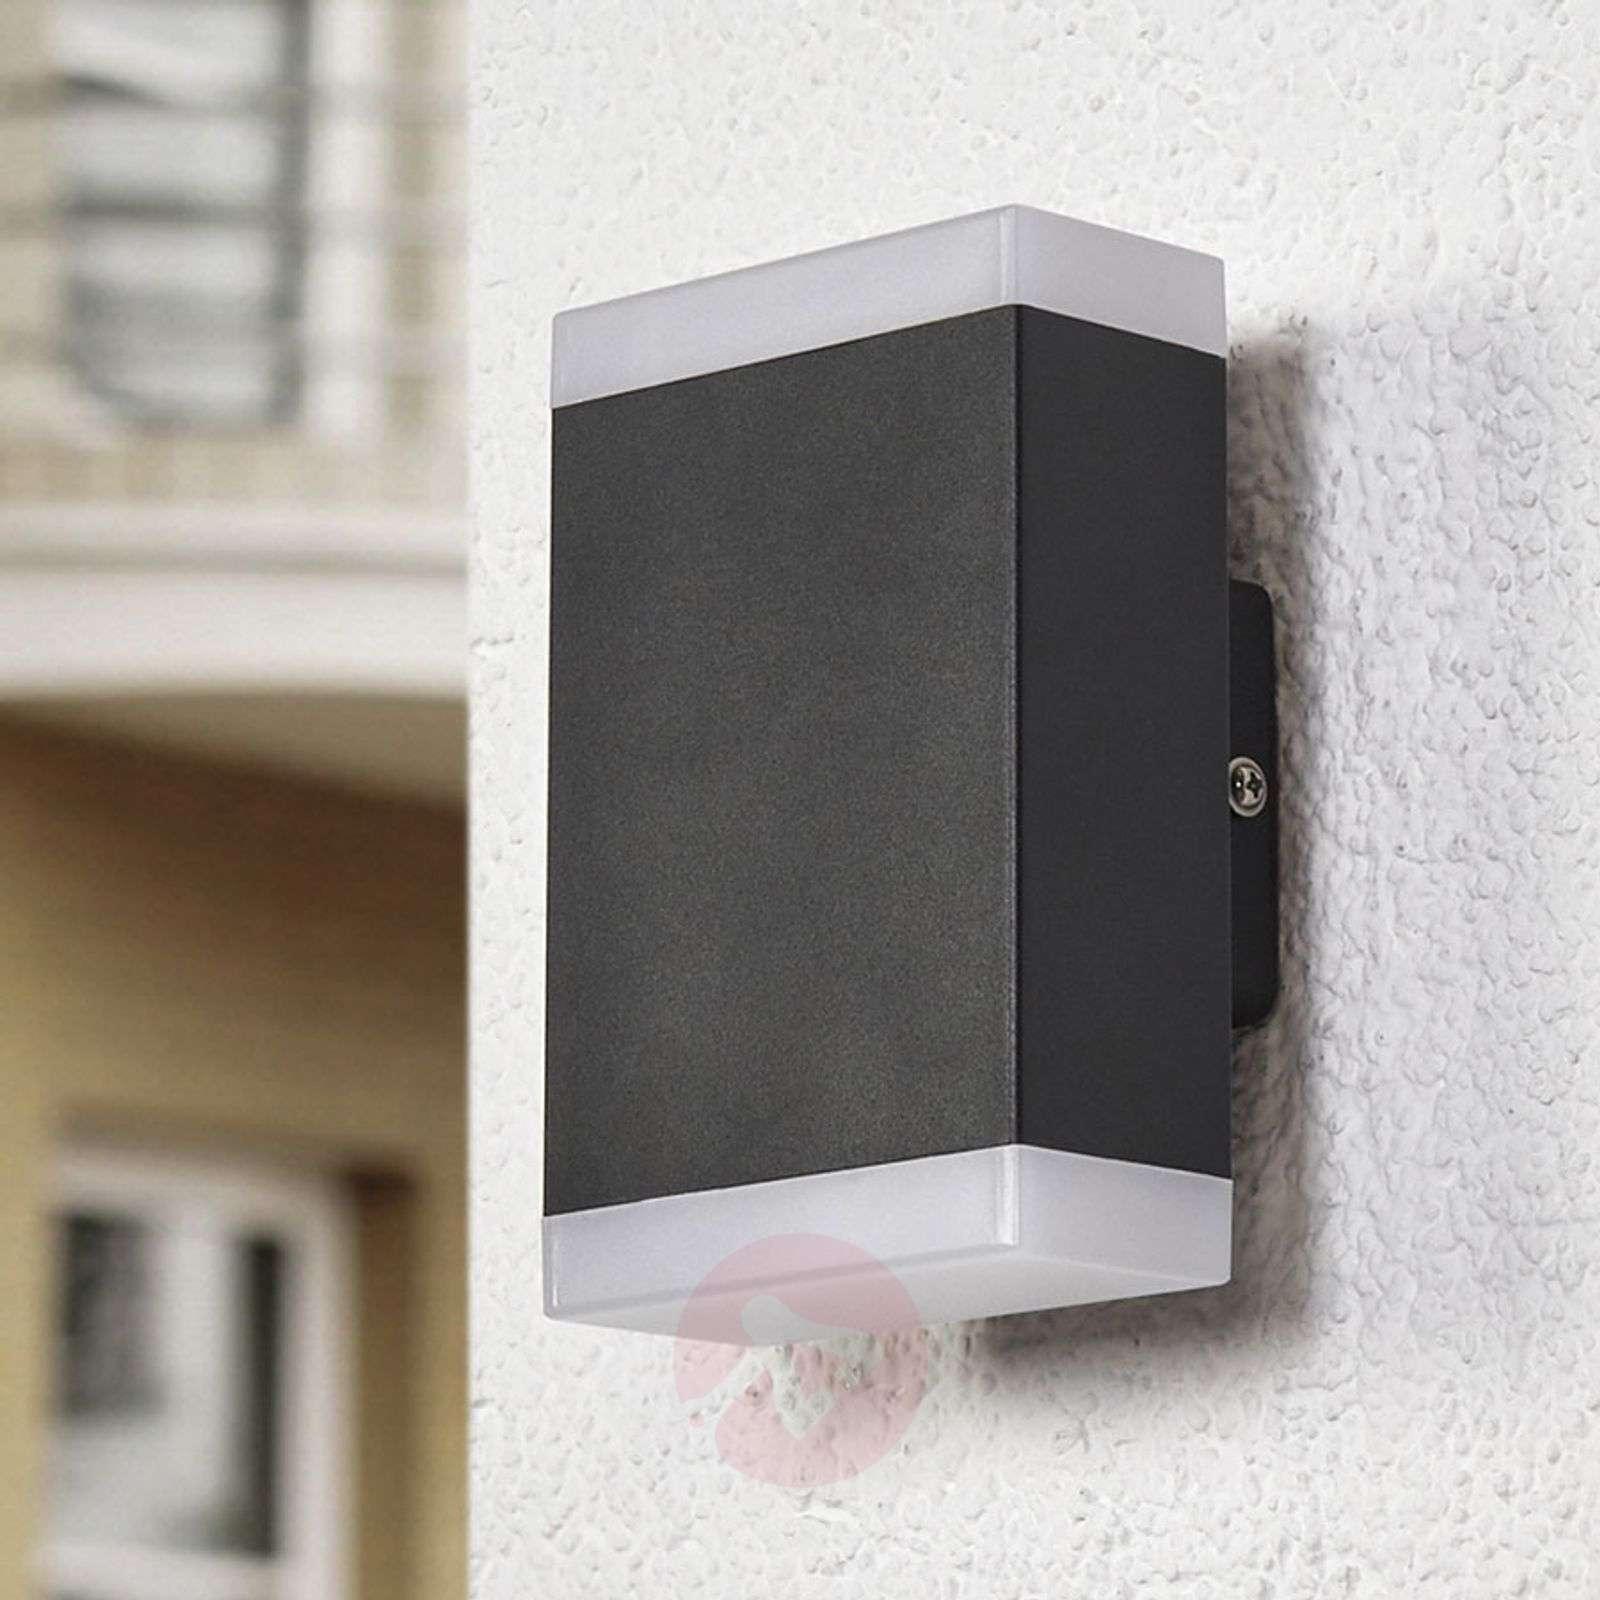 Ajaton LED-seinävalaisin Aya ulkokäyttöön, IP44-9988101-02